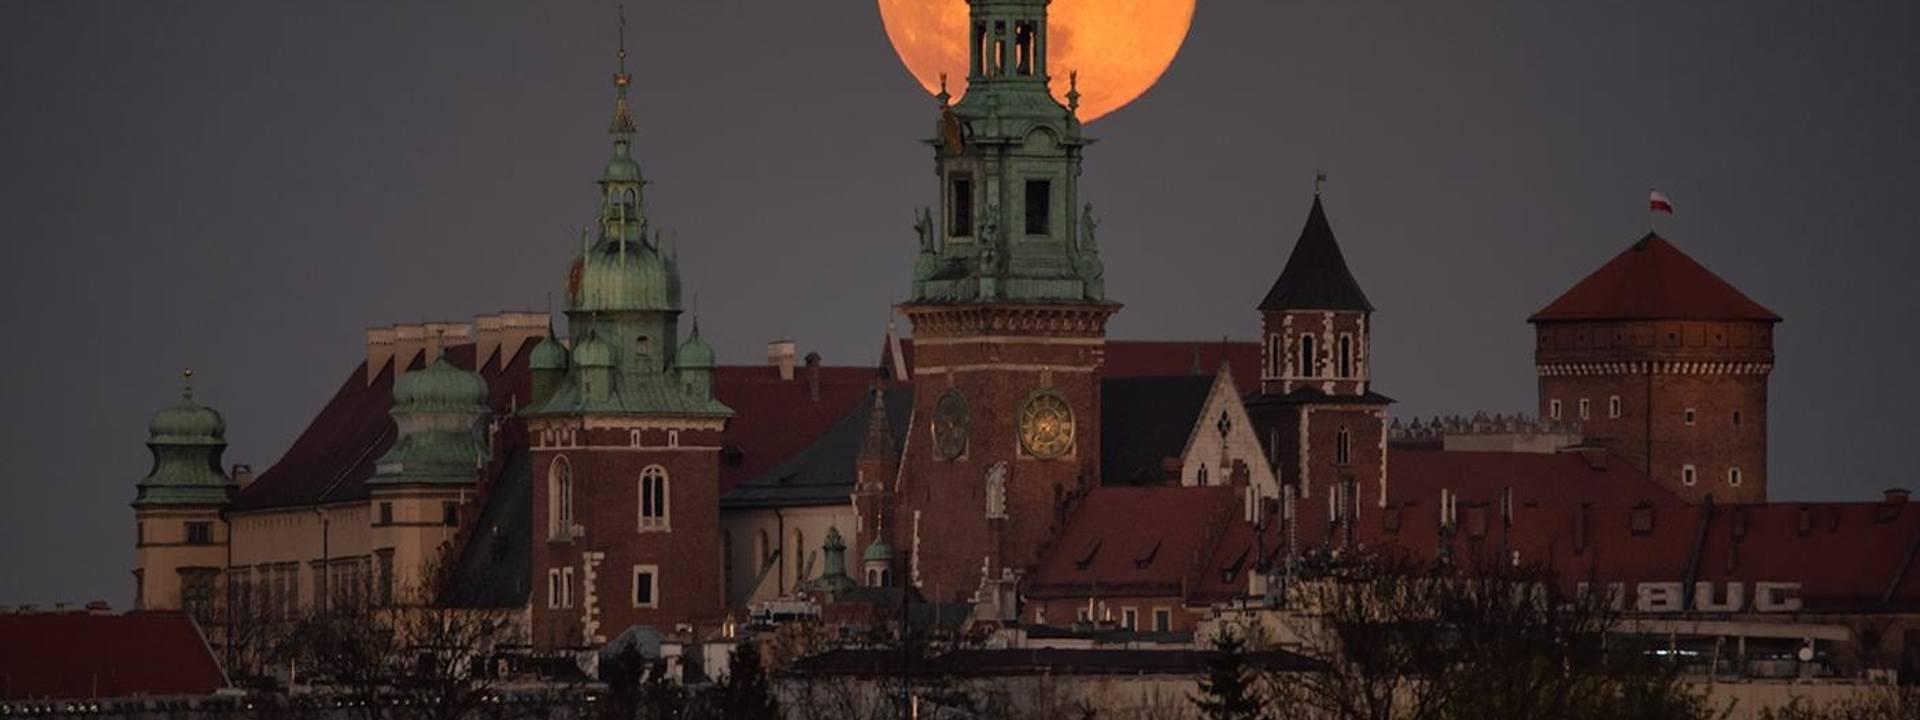 """""""Dzisiejszy wschód księżyca nad Wieżą Zegarową na Wawelu"""